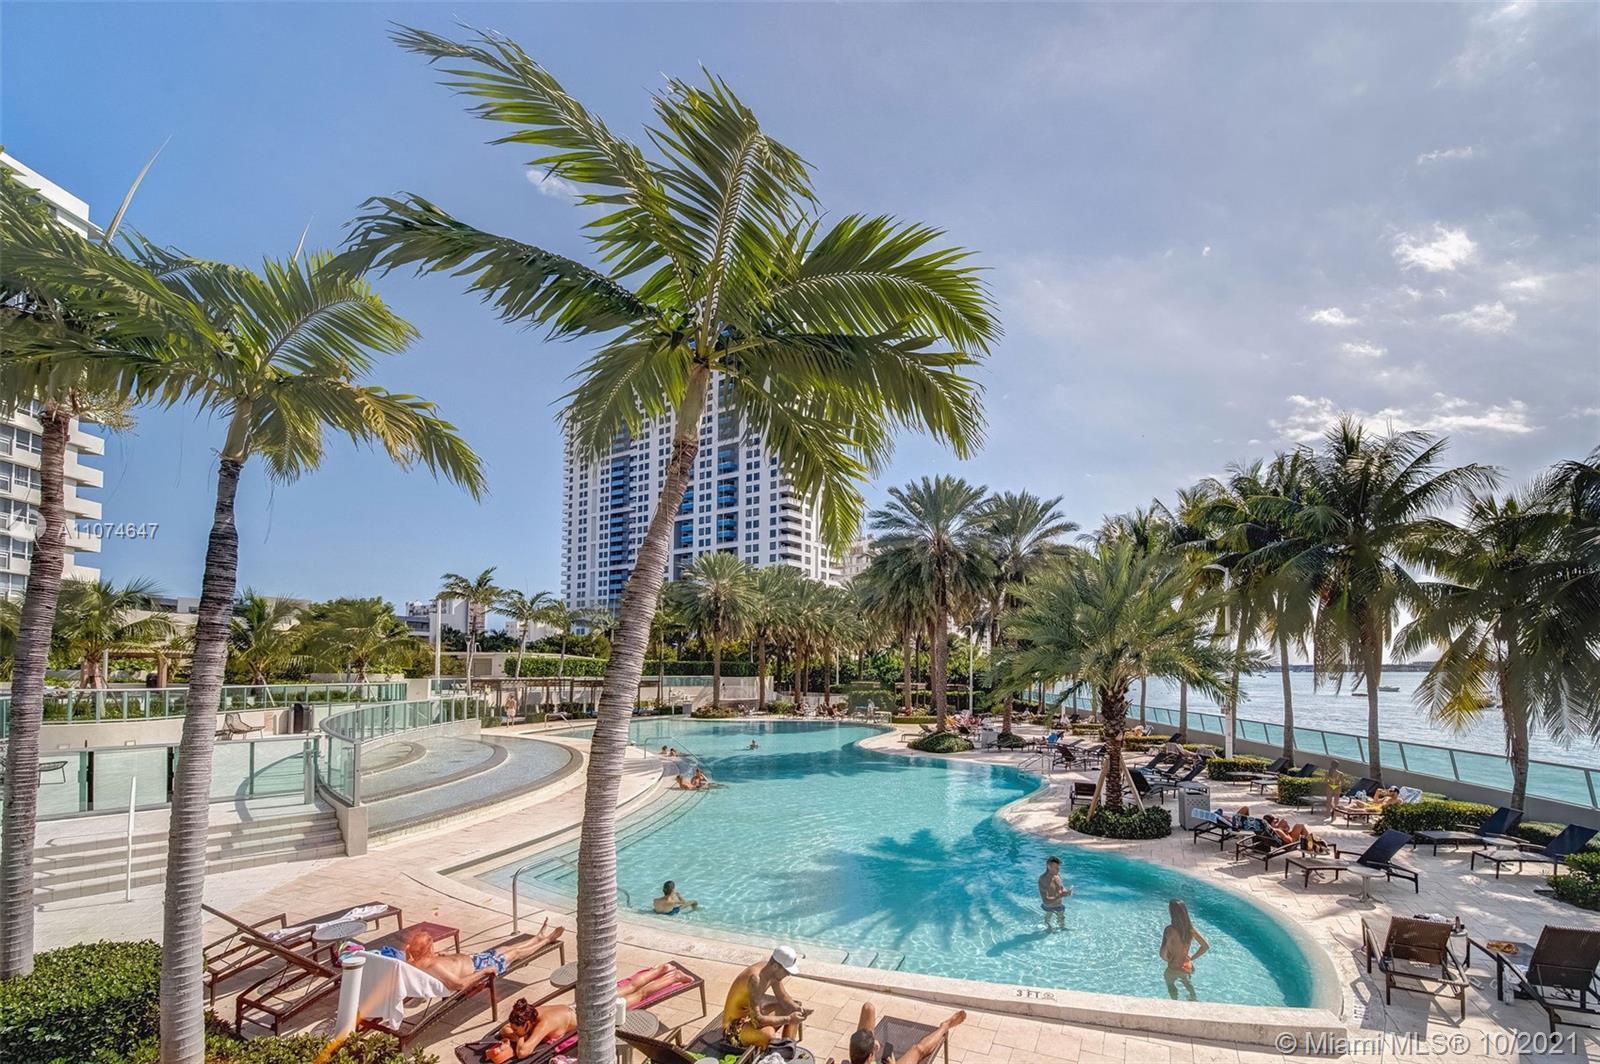 Flamingo South Beach #S-1270 - 1500 Bay Rd #S-1270, Miami Beach, FL 33139